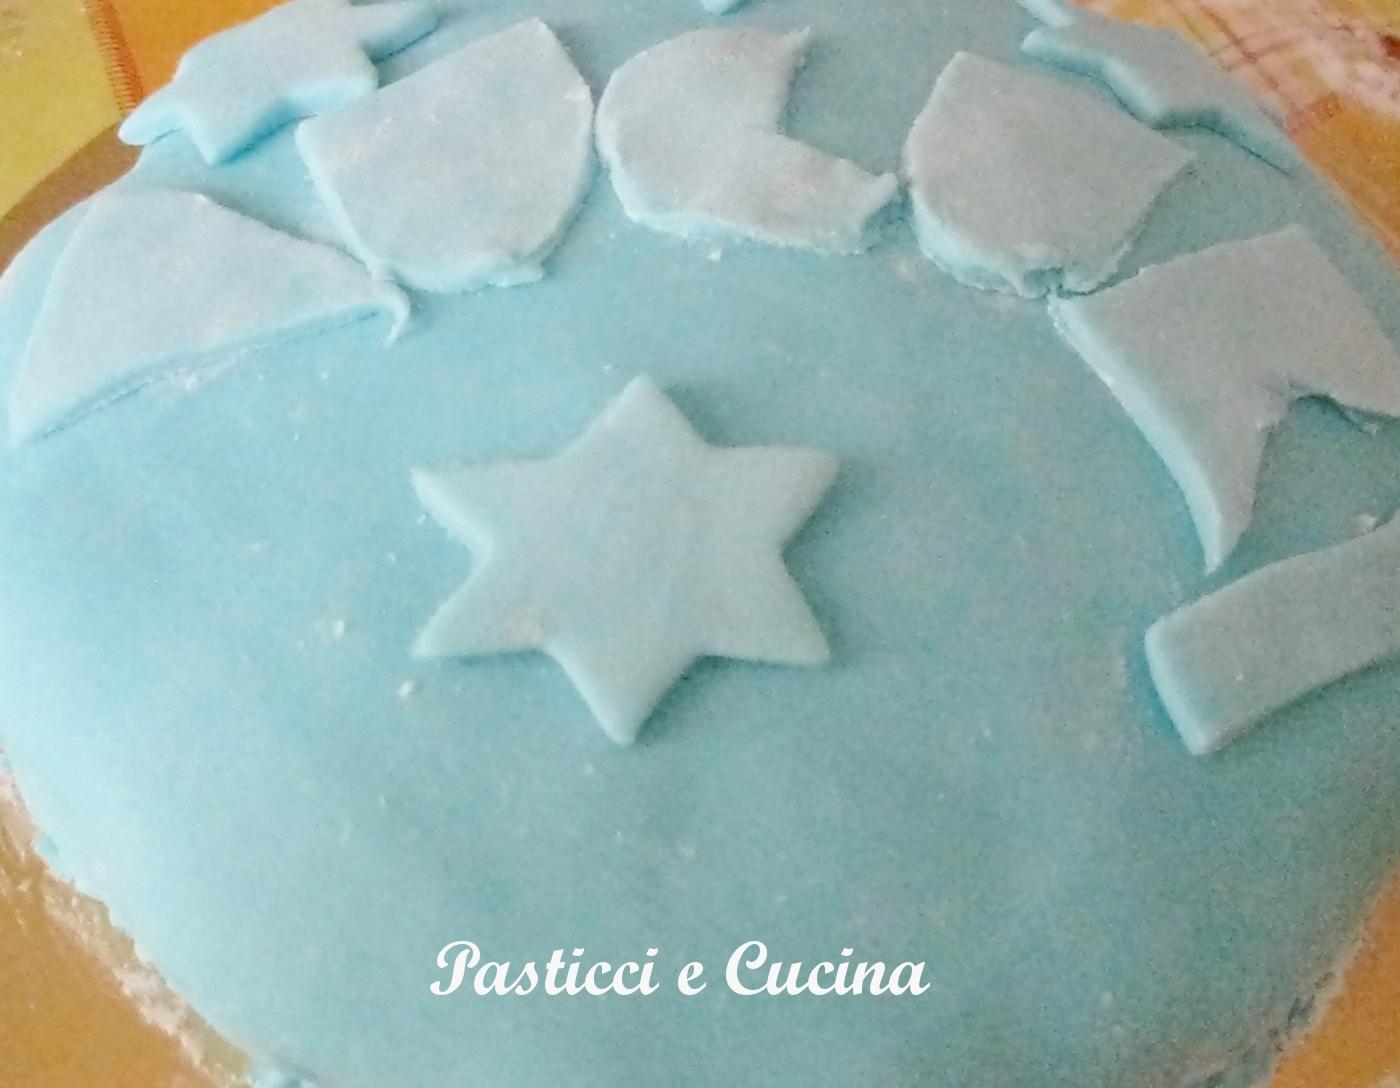 Pasticci e cucina la mia prima torta decorata - Cucina e pasticci ...